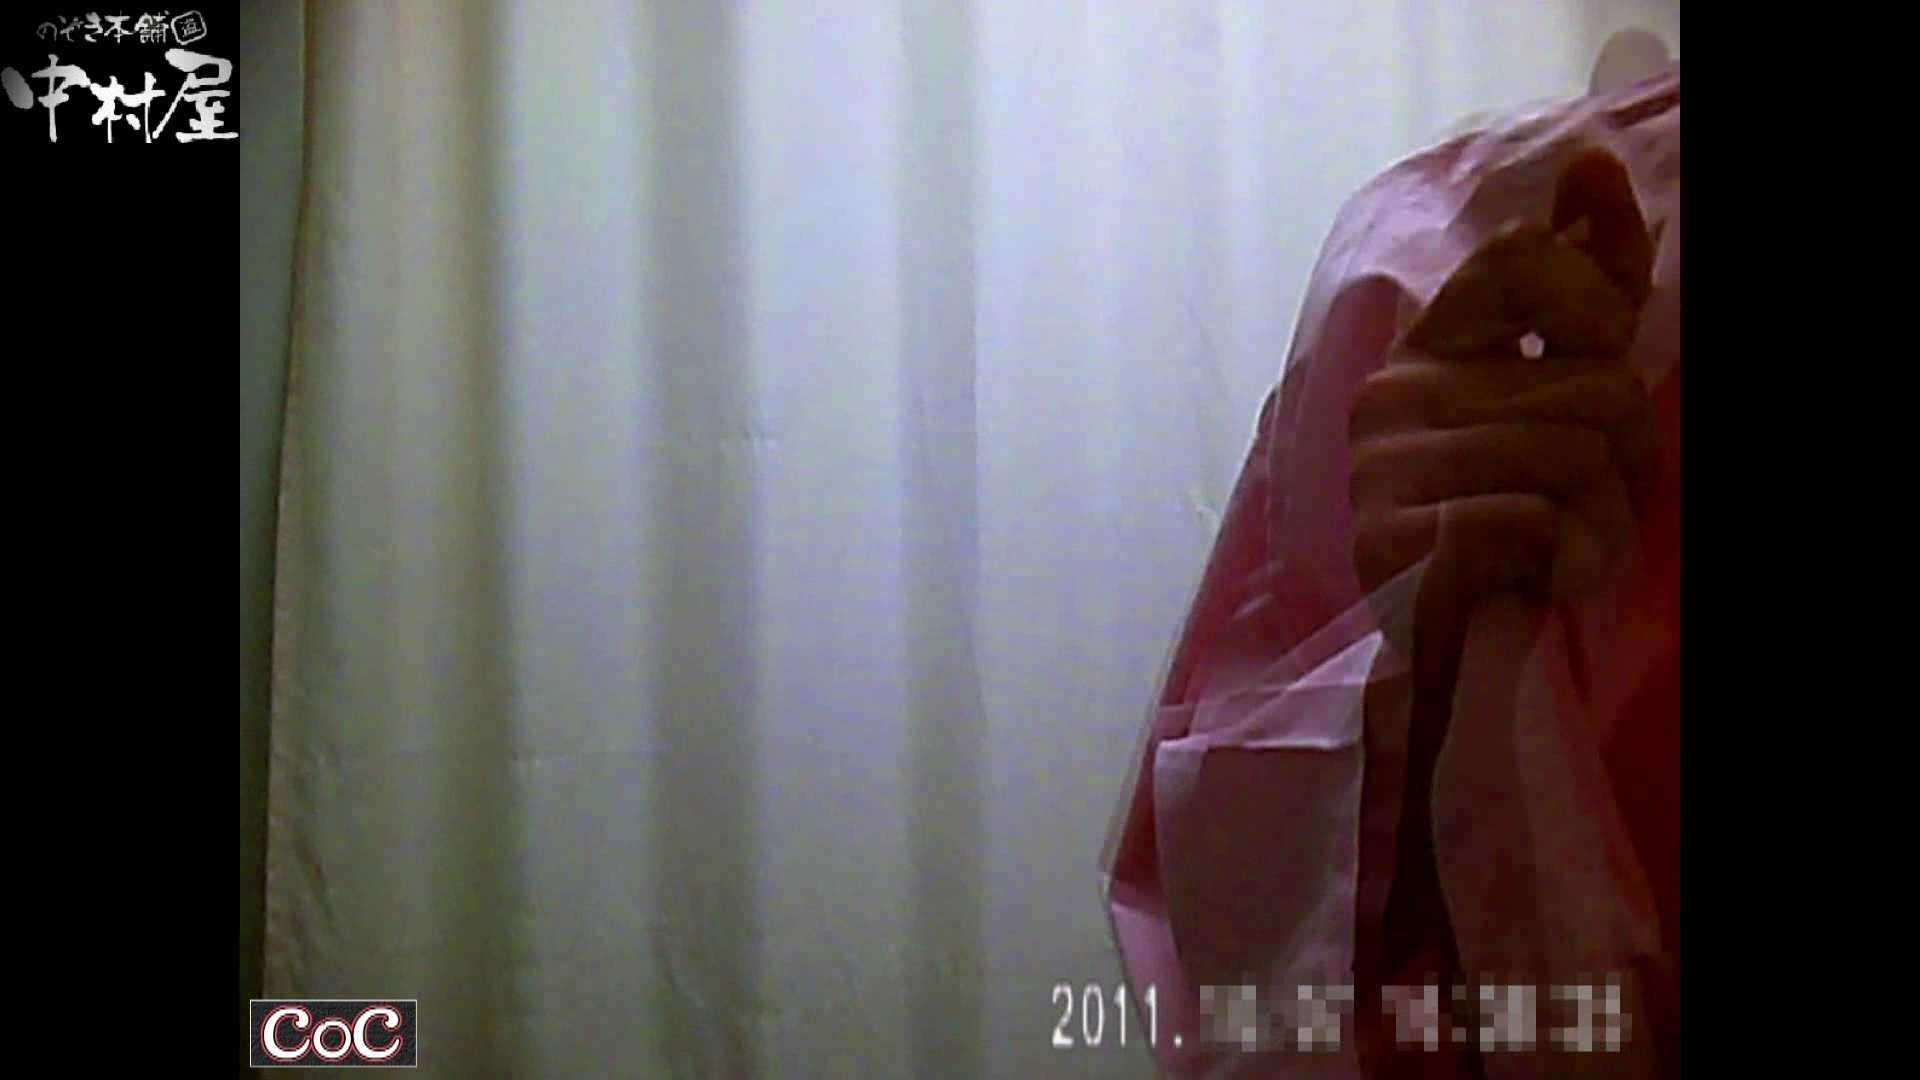 激ヤバ健康診断!着替えの一部始終.vol.53※本編ボカシ・目線無し 裸体 スケベ動画紹介 94PIX 49